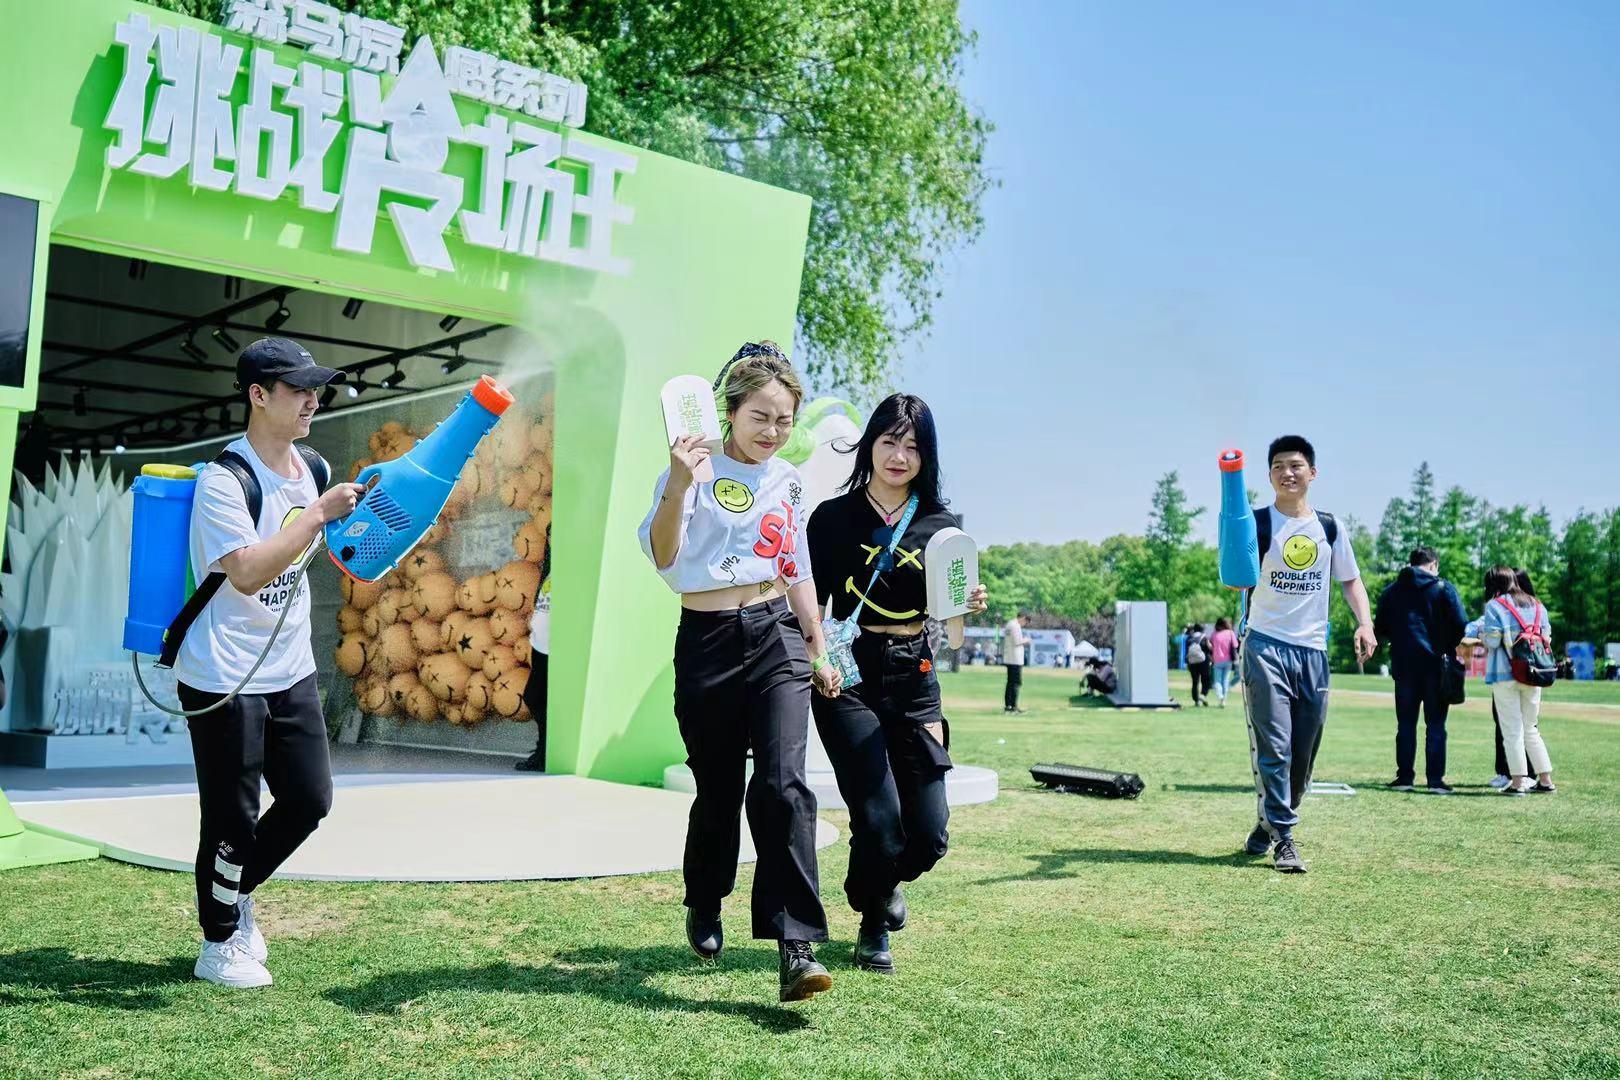 一群人站在草地上奔跑  描述已自动产生